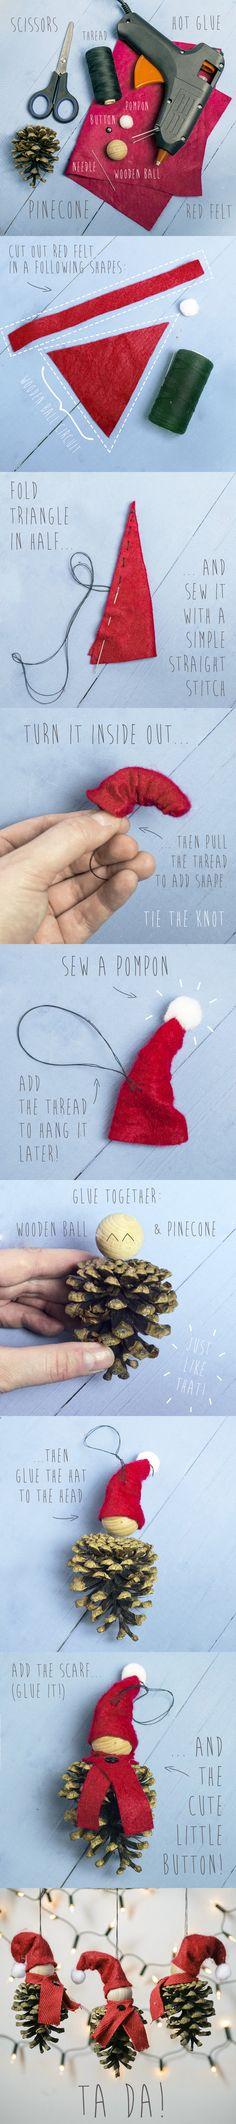 Realizzare il follettino di Natale con una pigna ed un po' di panno. #tutorial #idee #addobbinatale